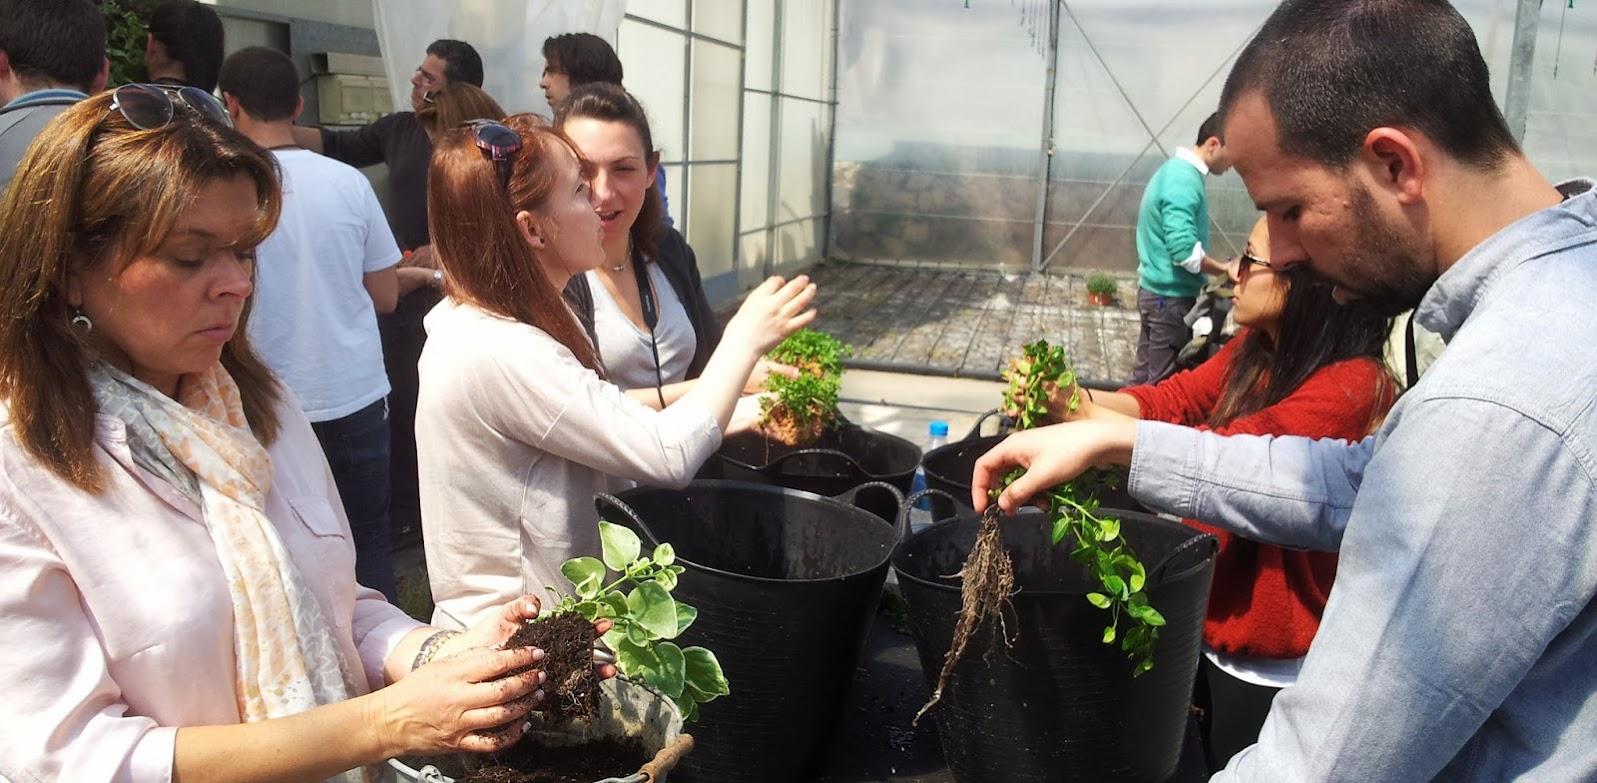 Jardines verticales curso formación cursos de jardines verticales jardín vertical vertical garden courses education